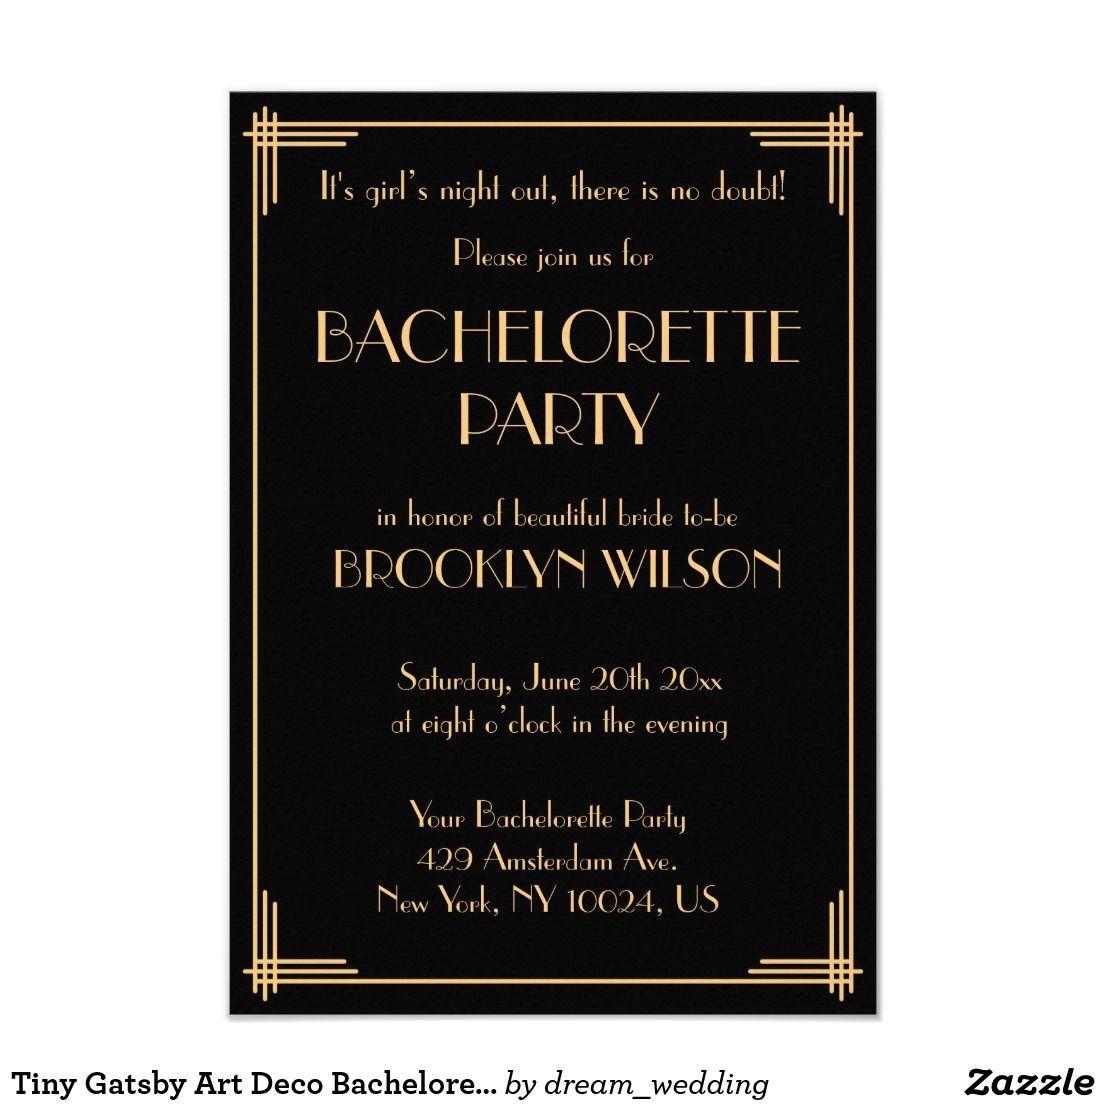 Tiny Gatsby Art Deco Bachelorette Party Invite | Zazzle.com | Deco wedding  invitations, Bachelorette party invitations, Art deco wedding invitations